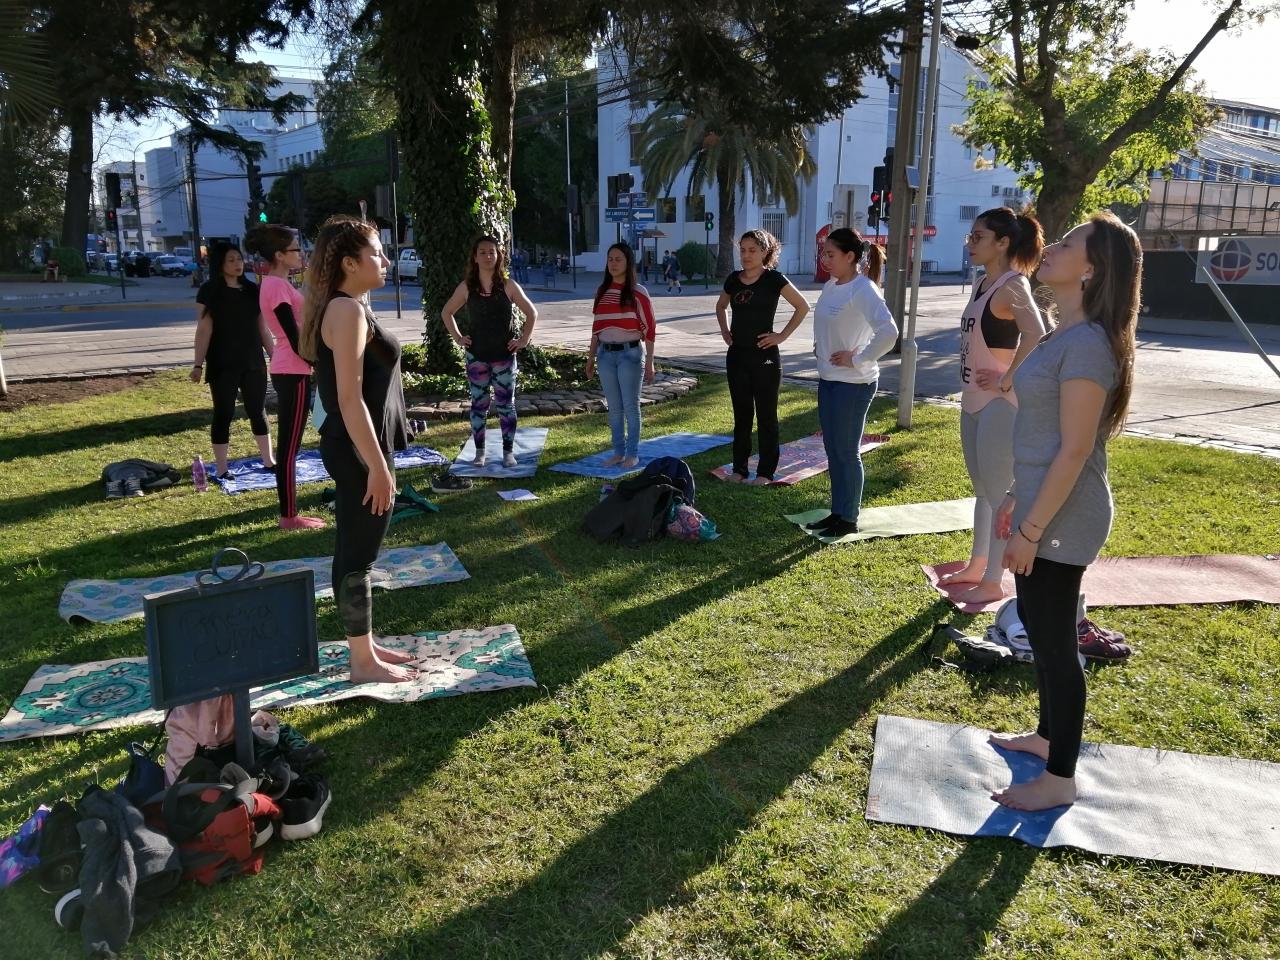 En transformaciones sociales; El Yoga no puede quedar fuera 27-10-2019